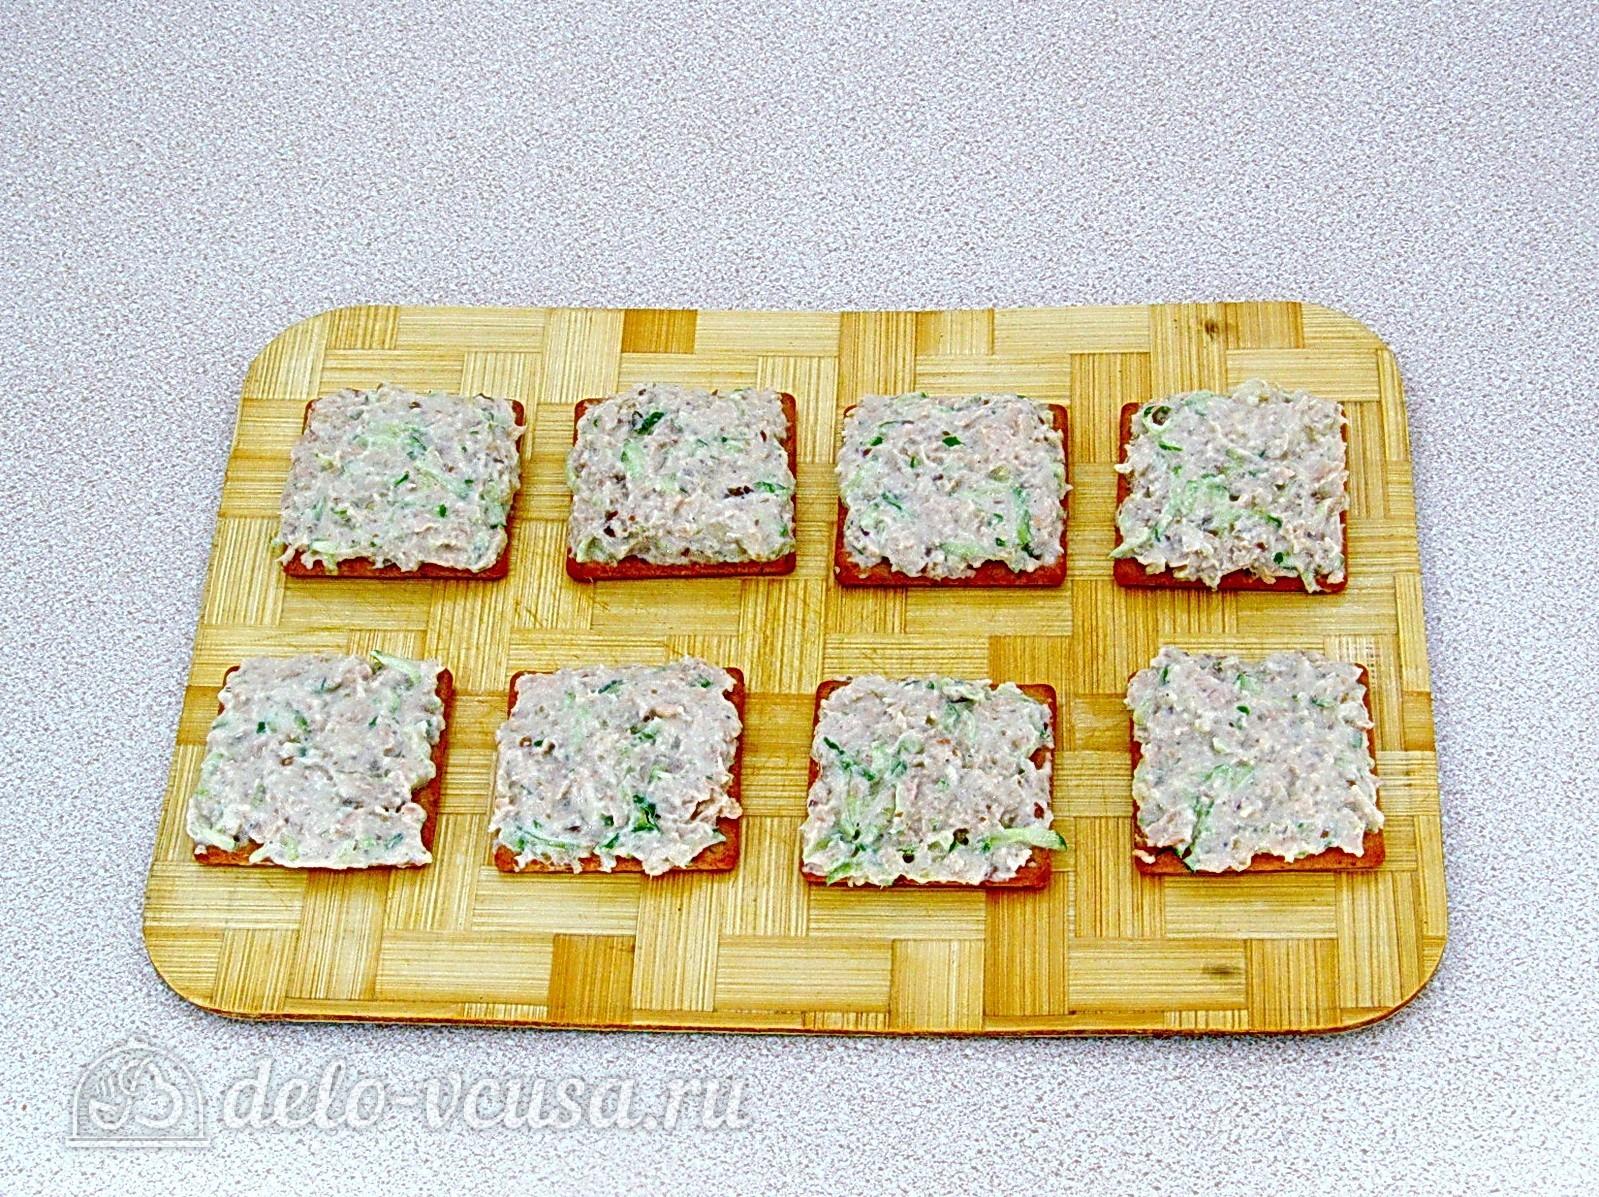 Закуска на крекерах из рыбных консервов: Смазать крекеры начинкой